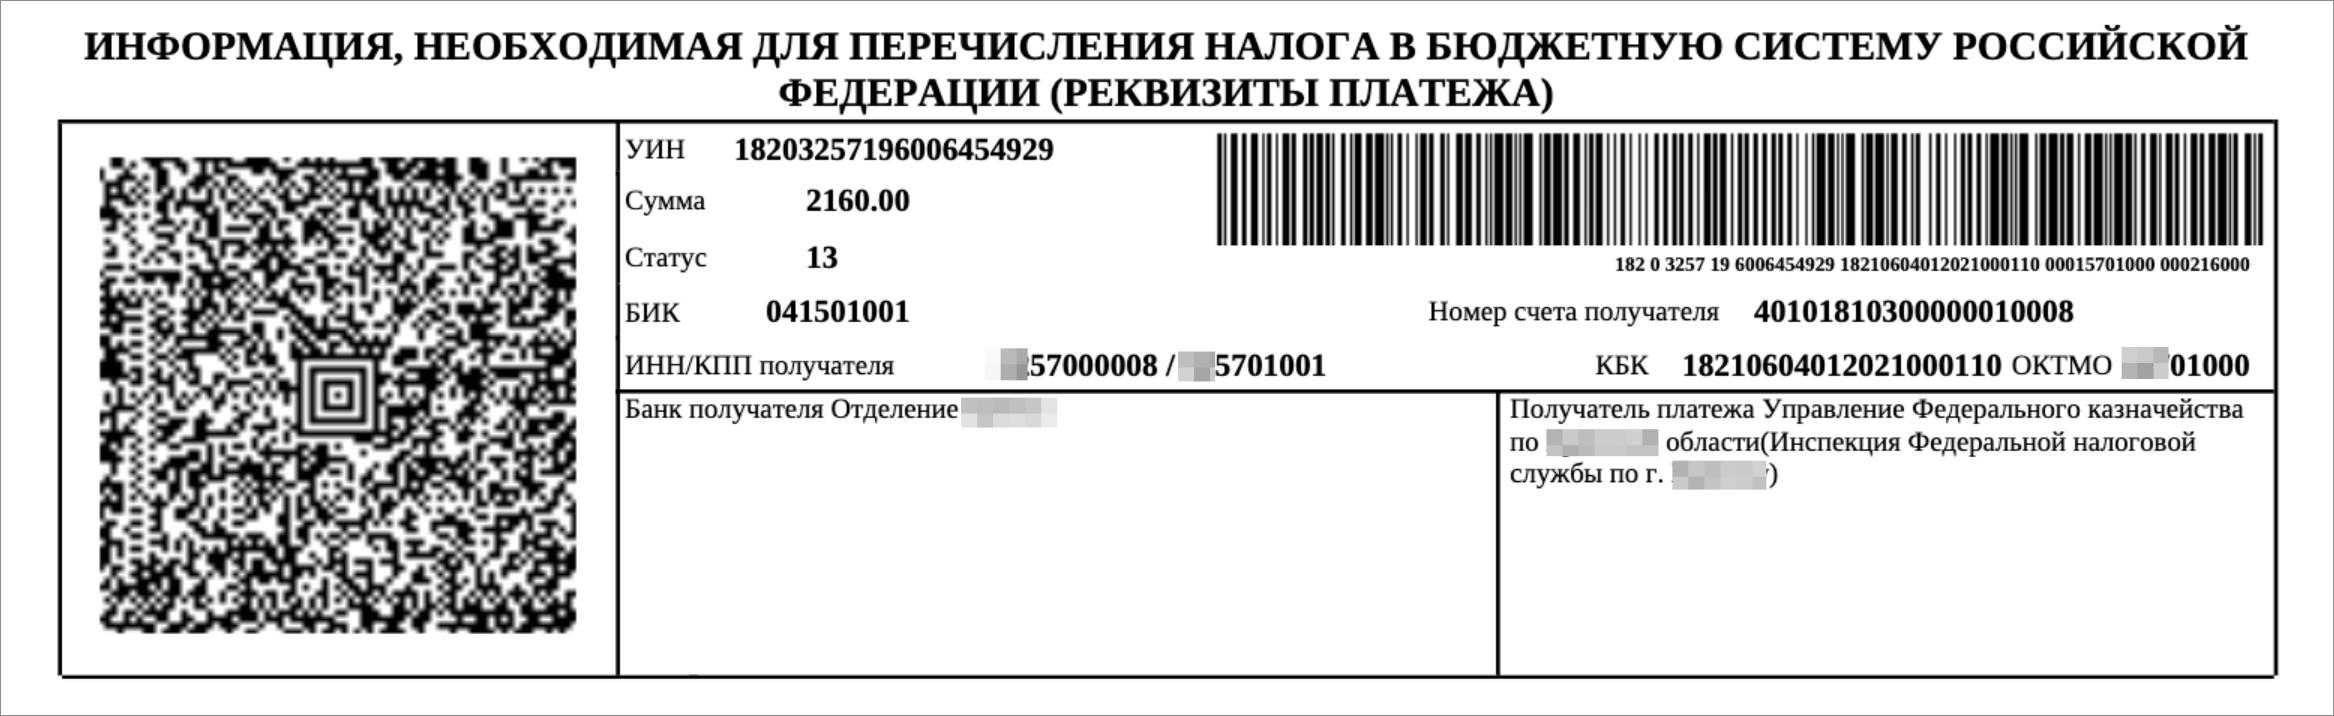 Реквизиты для уплаты налога и уникальный идентификационный номер (УИН) указаны под таблицей с начислениями